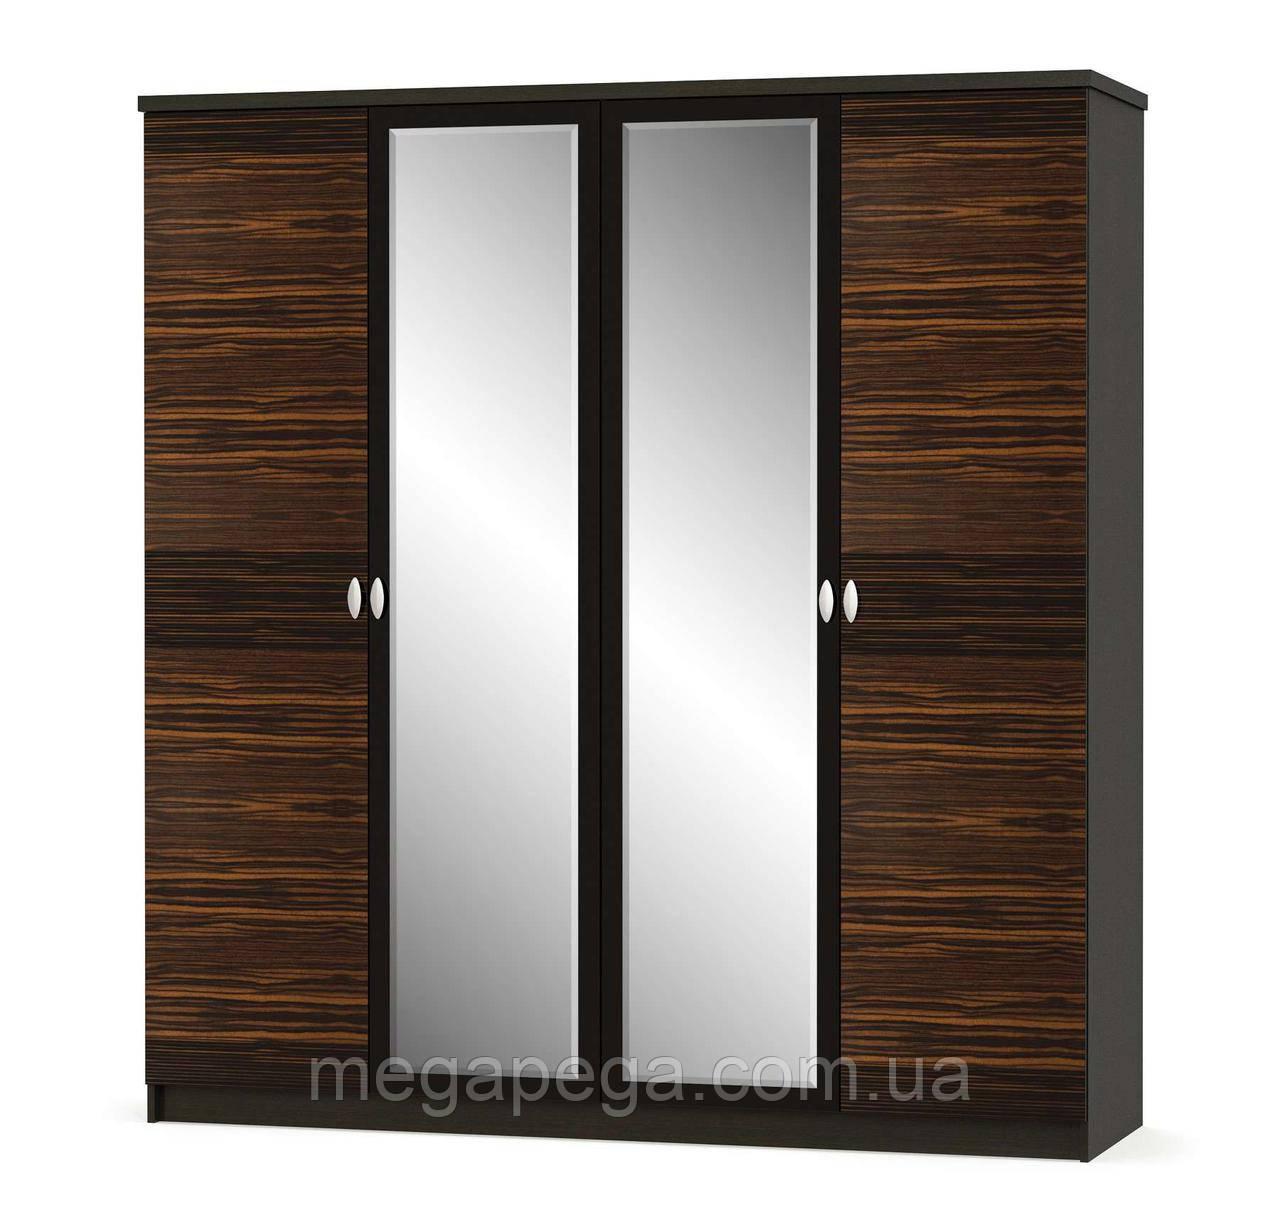 """Шкаф 4Д """"Ева макасар"""" Мебель Сервис"""